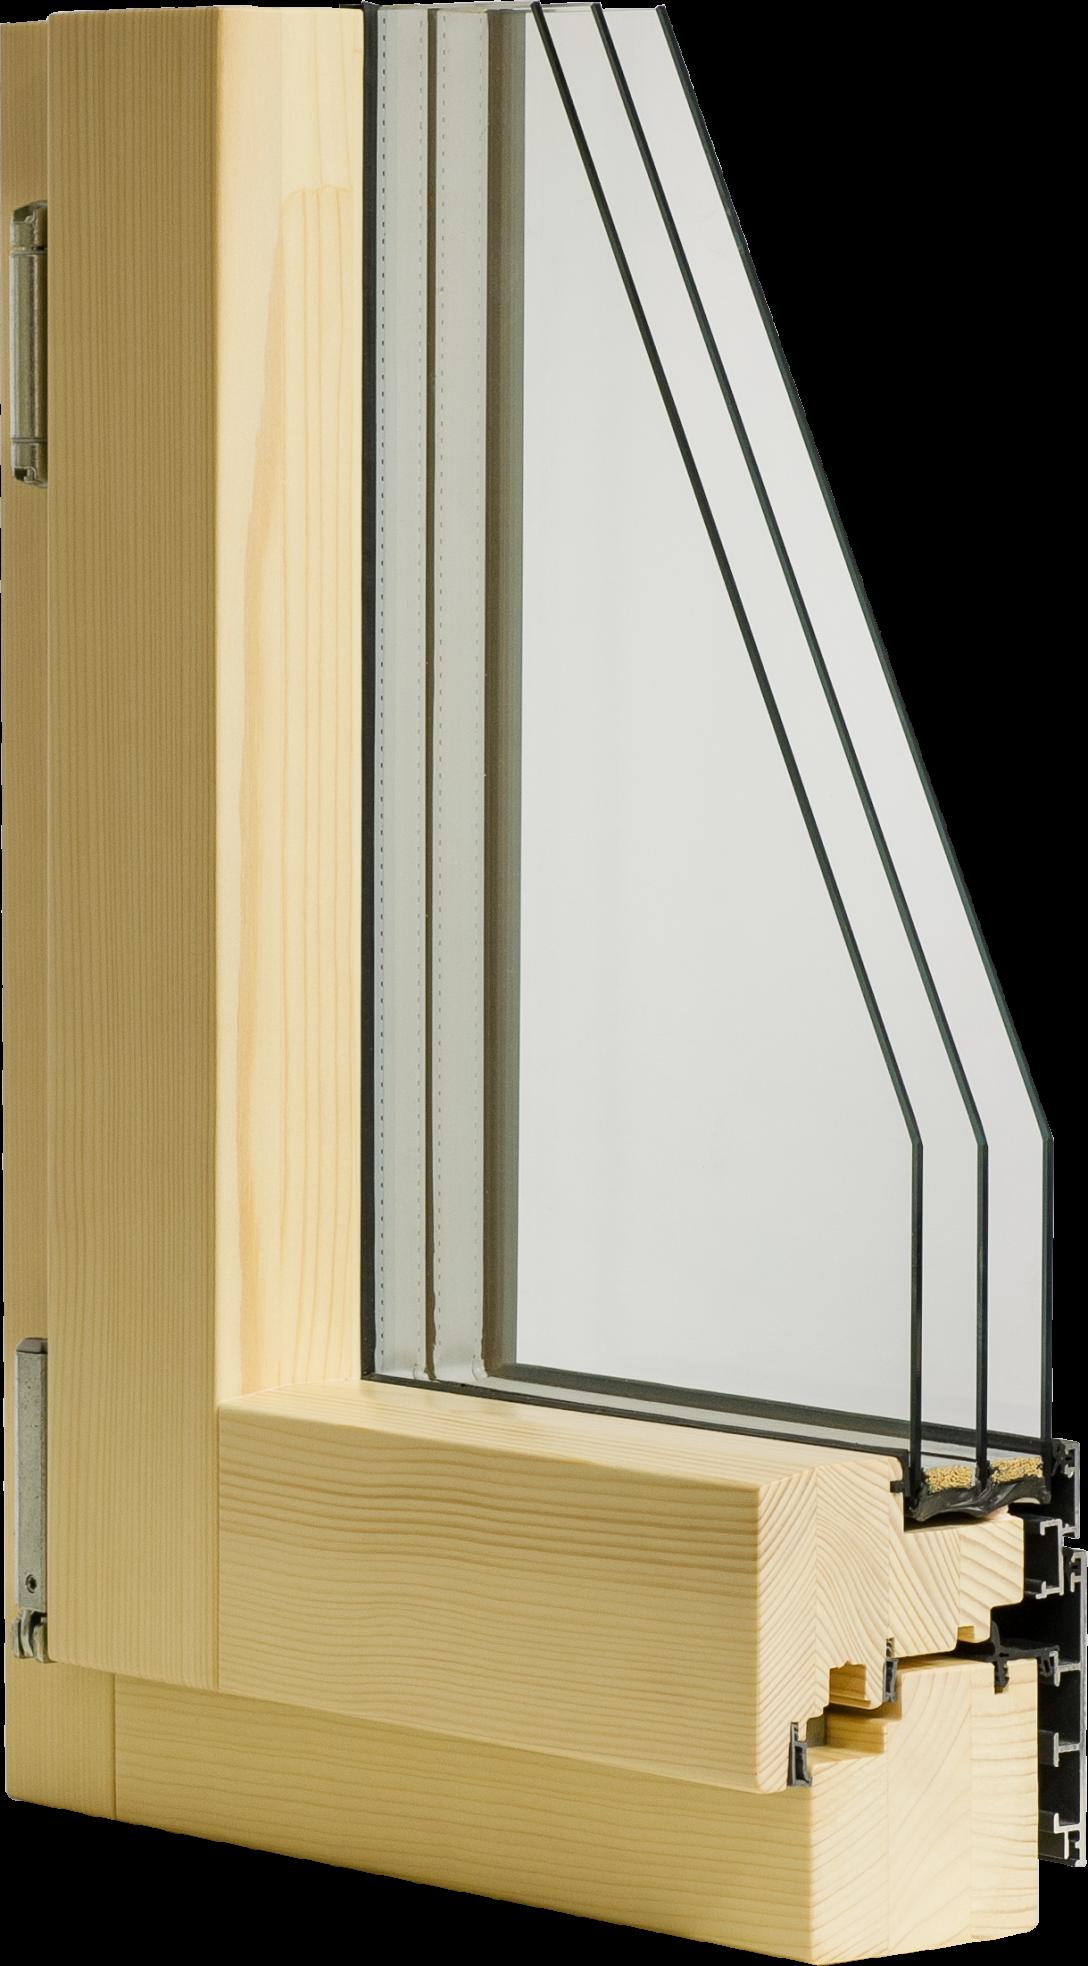 Large Size of Fenster Holz Kunststoff Aluminium Alu Preisunterschied Kunststofffenster Kostenvergleich Holz Alu Kosten Pro Qm Holz Aluminium Preise Oder Hersteller Unilux Fenster Fenster Holz Alu